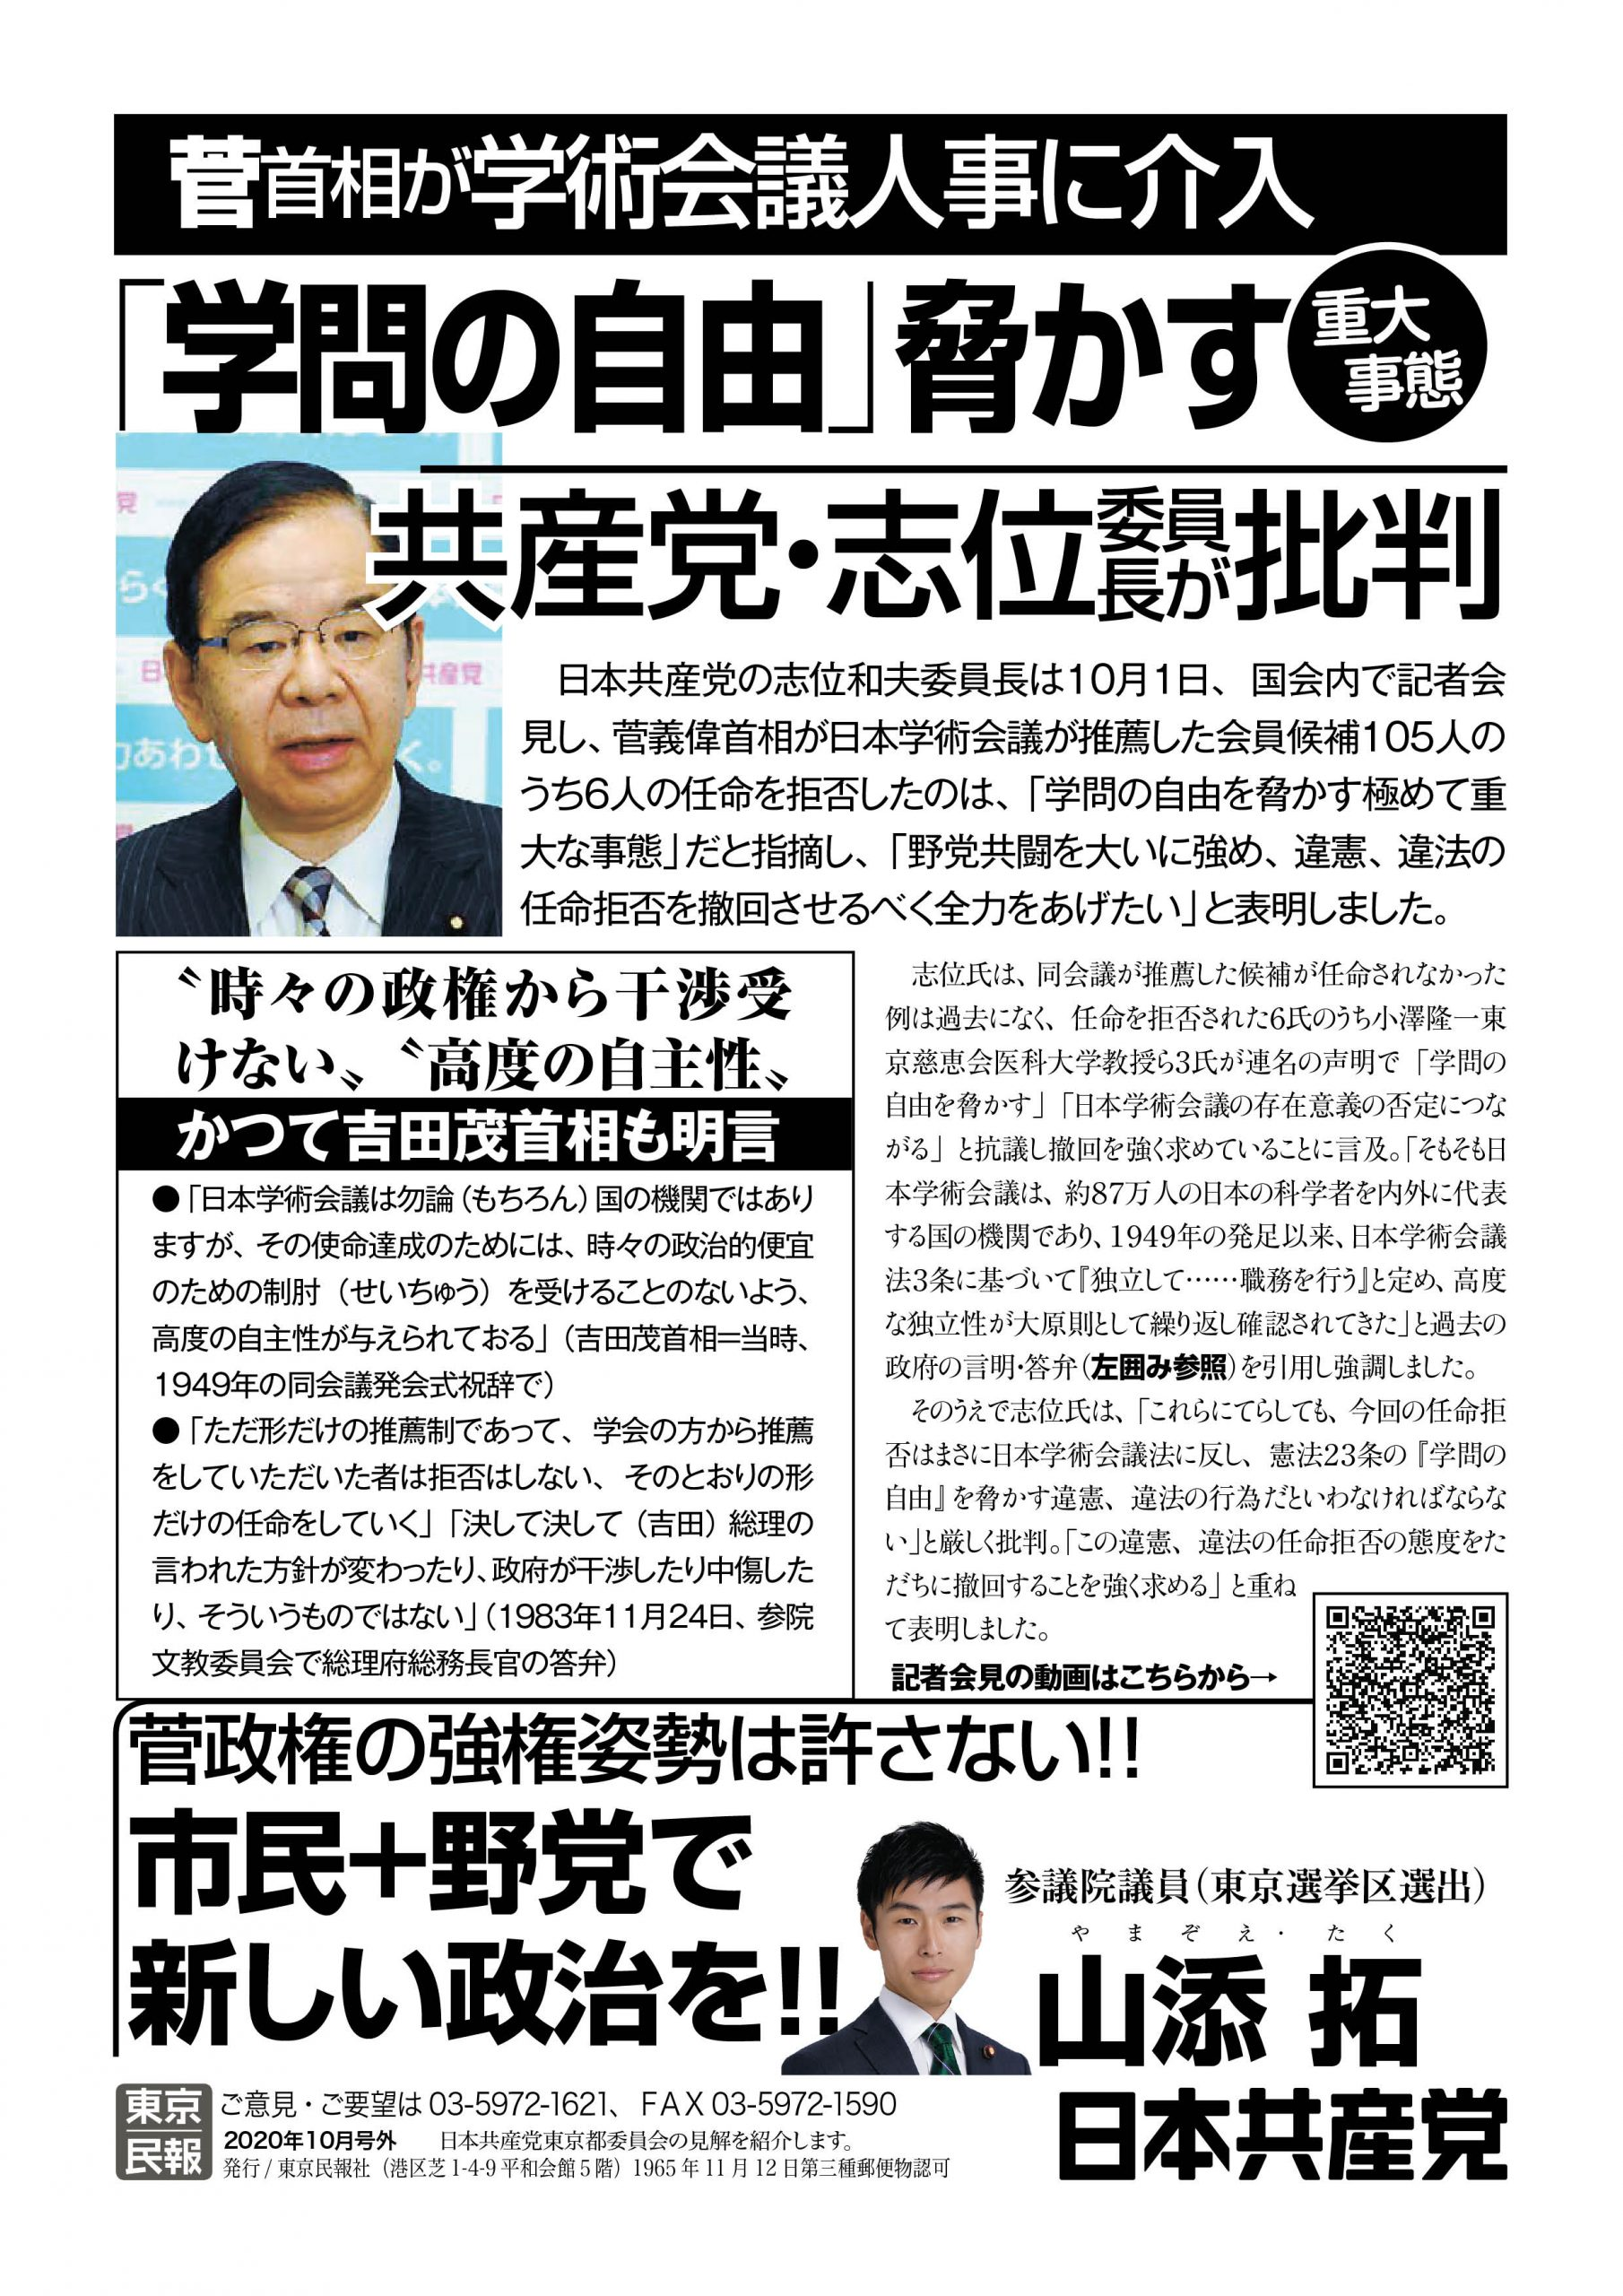 【ビラ】菅首相の学術会議人事介入 志位委員長が批判